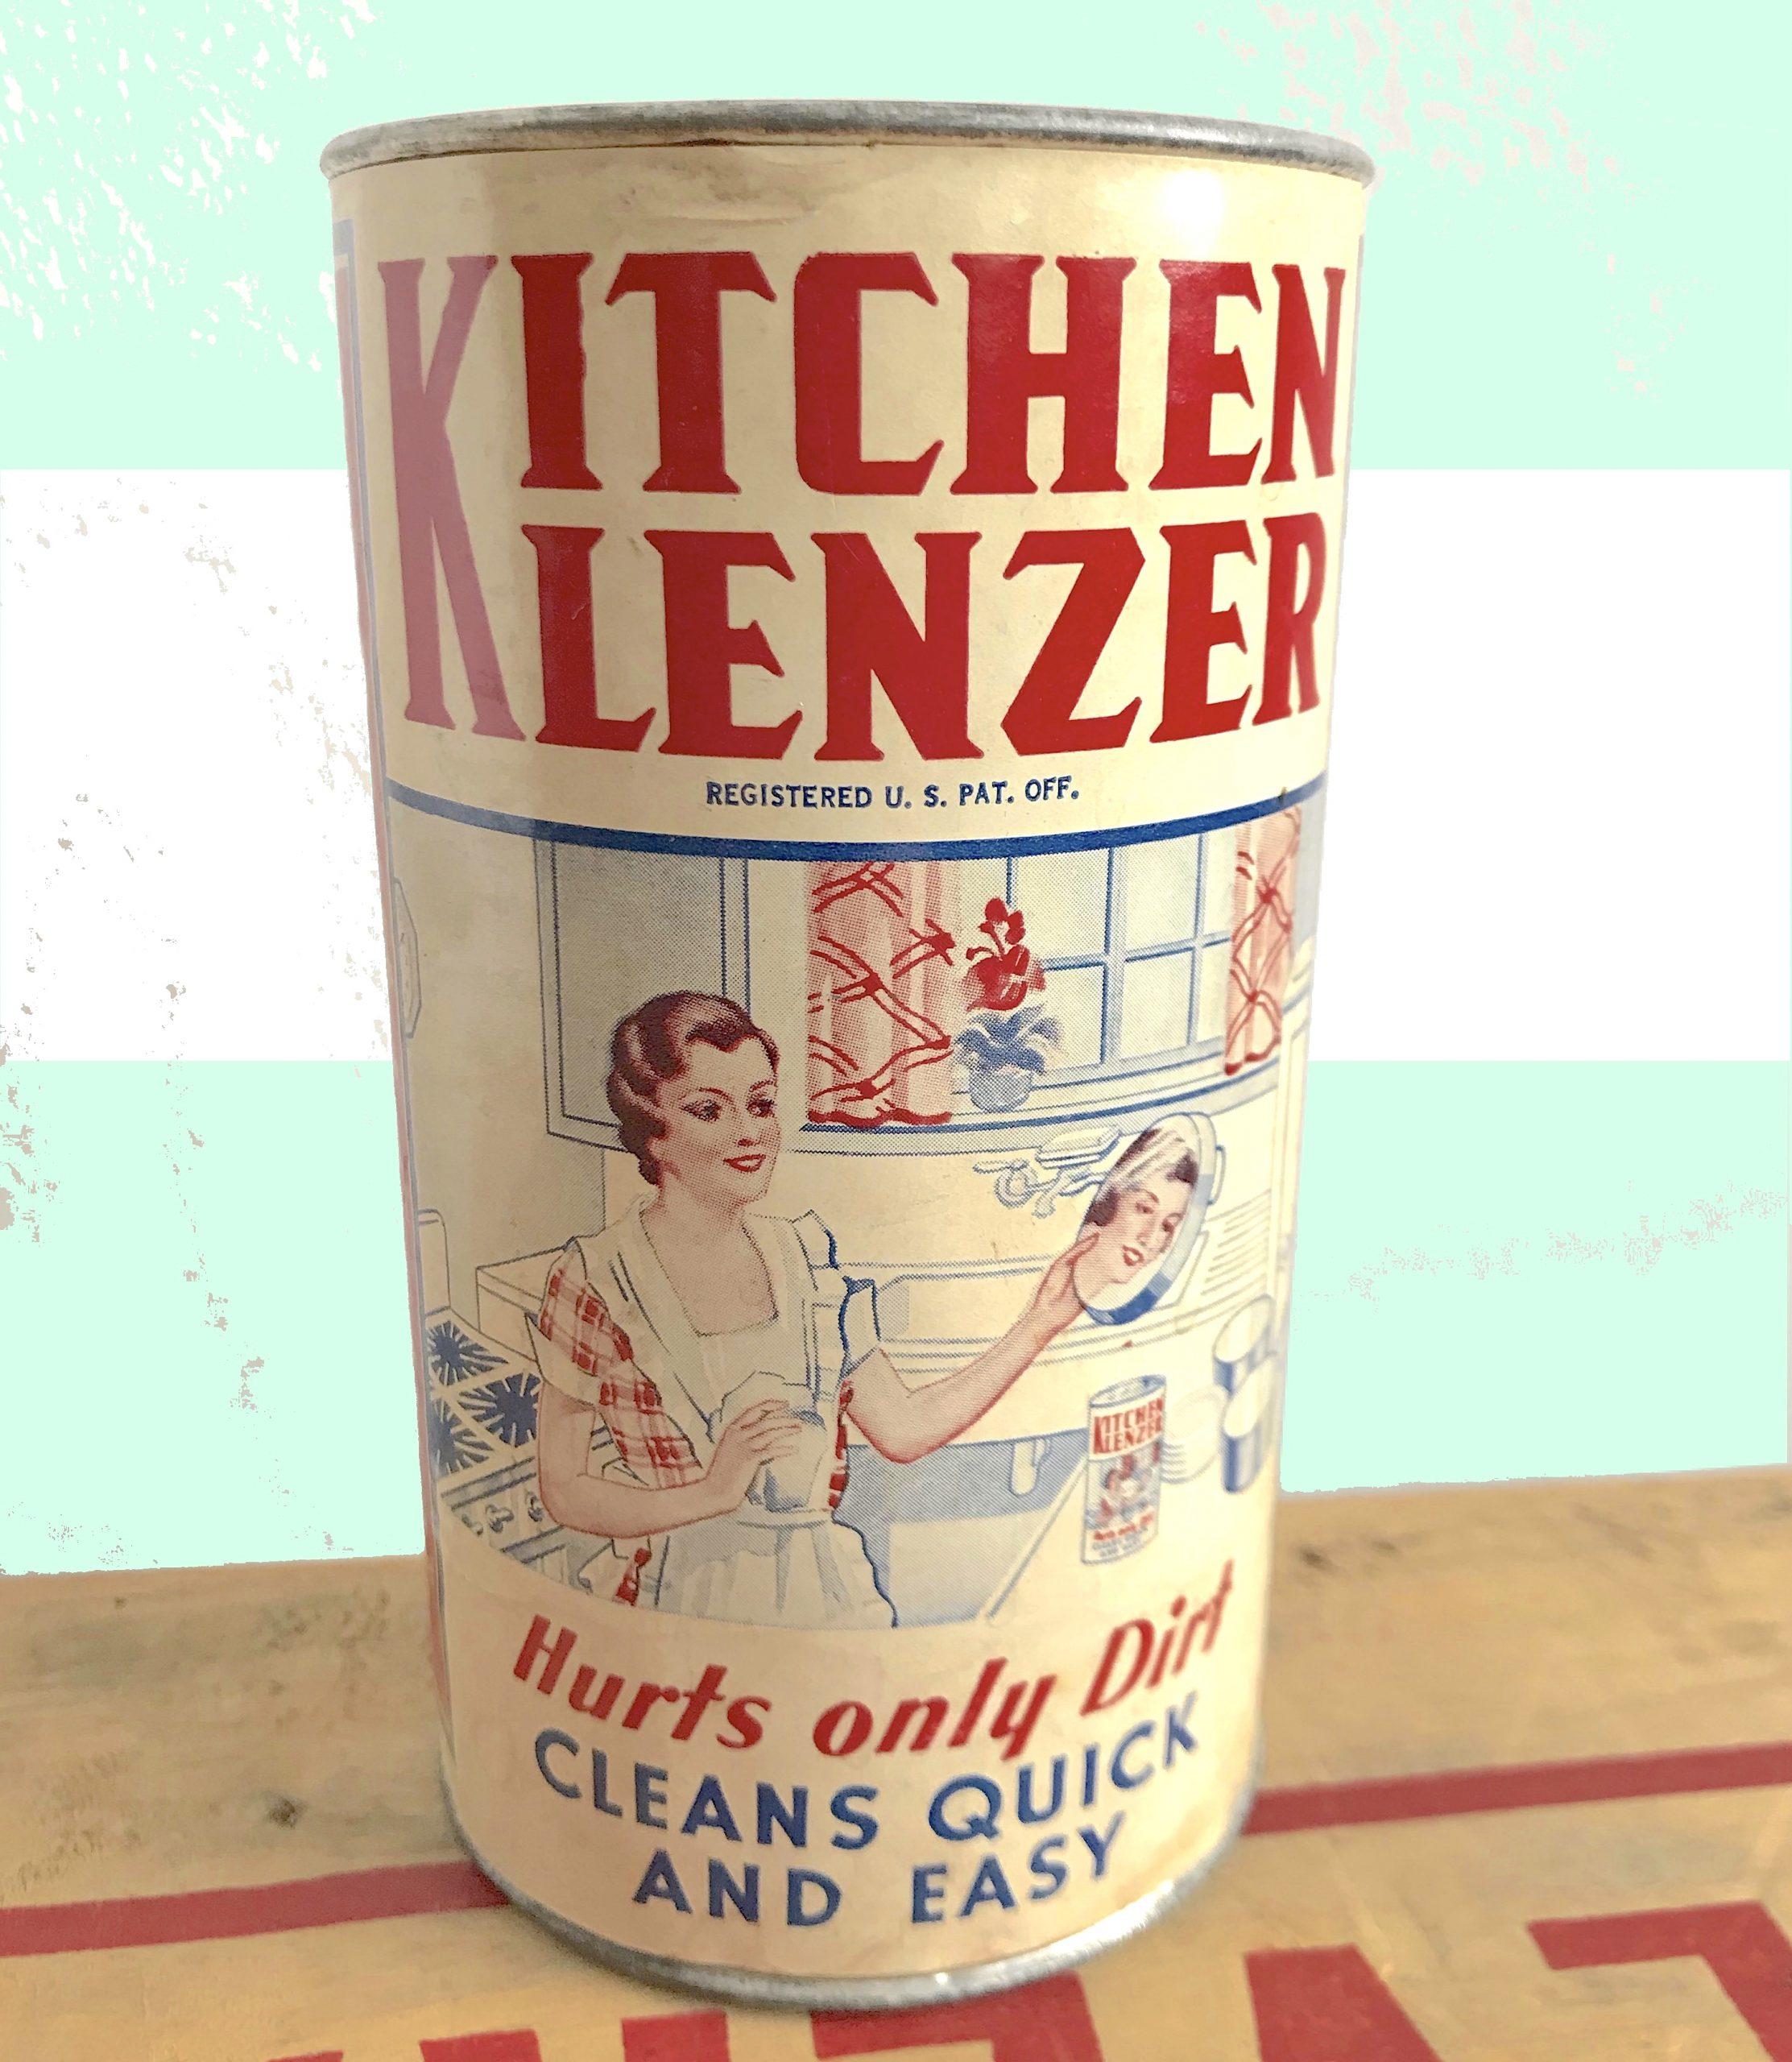 Kitchen Klenzer